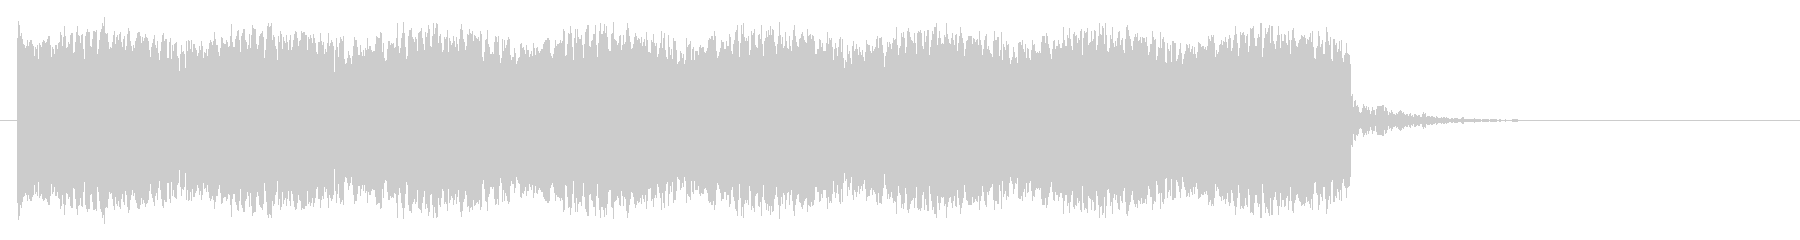 8bitパワーU-D-02-1_revの未再生の波形